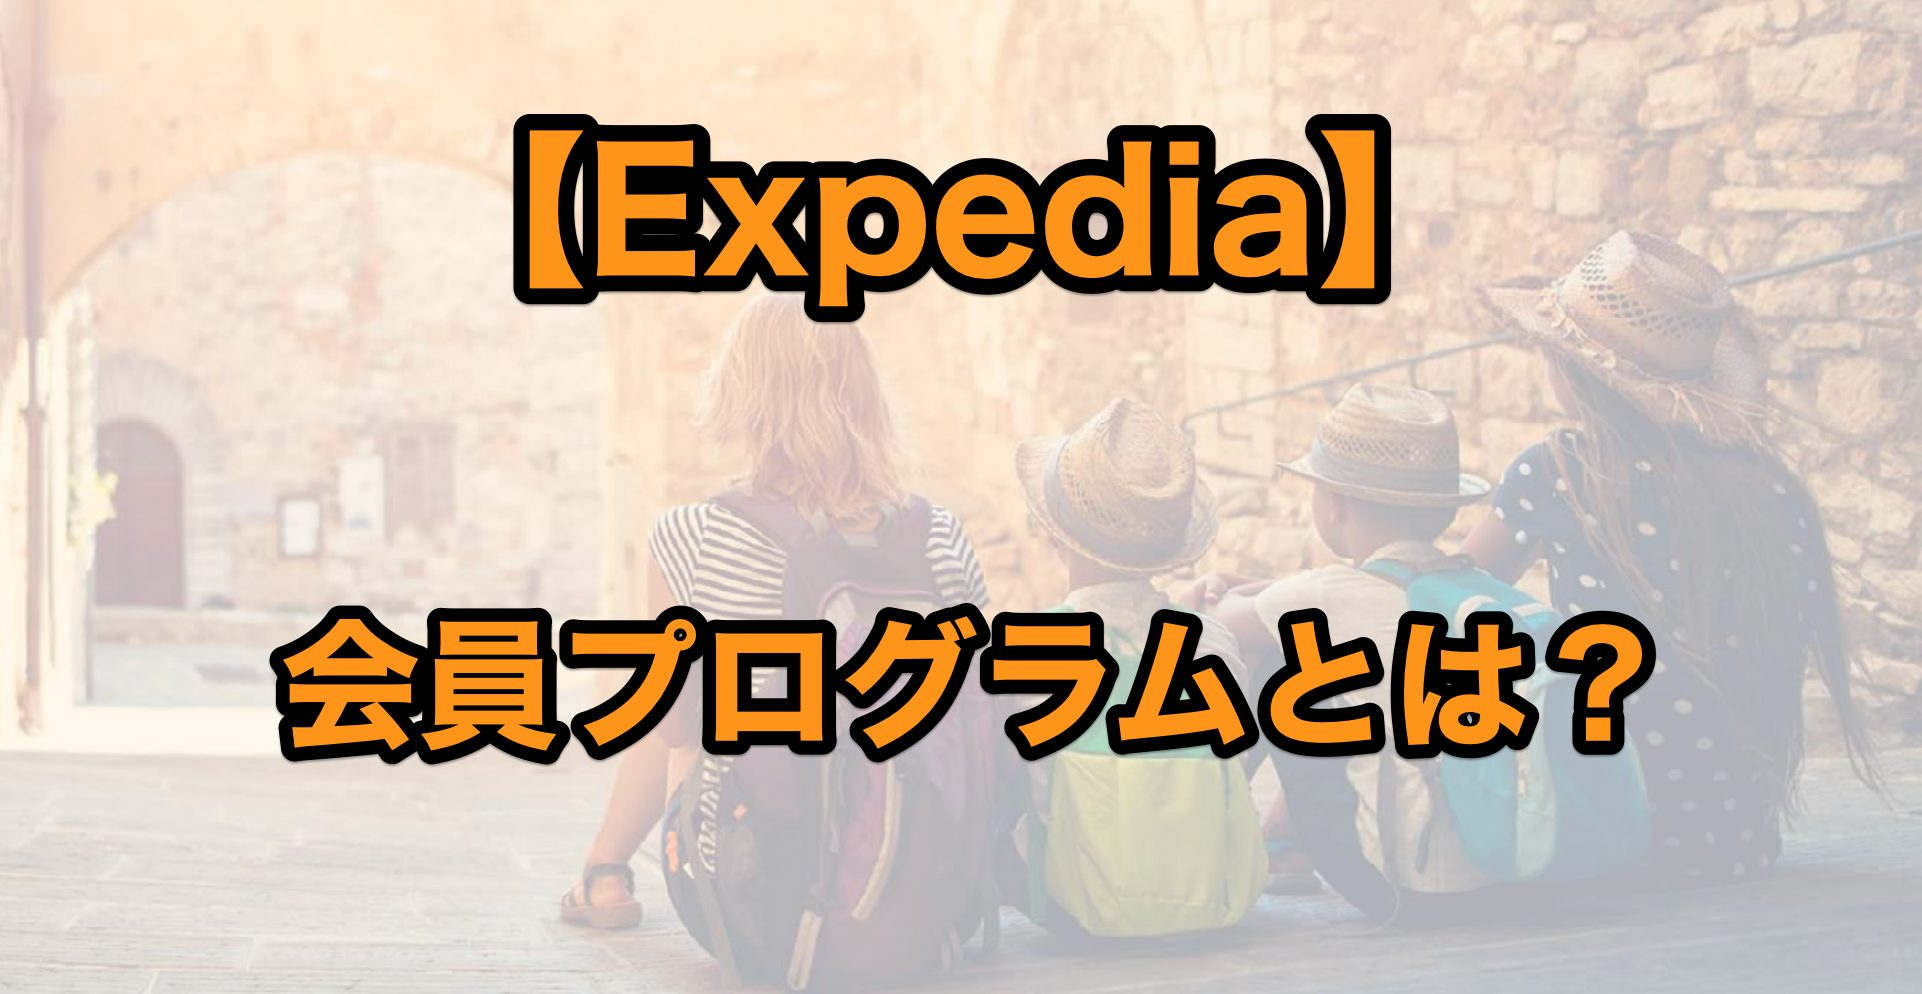 エクスペディア会員プログラムまとめ